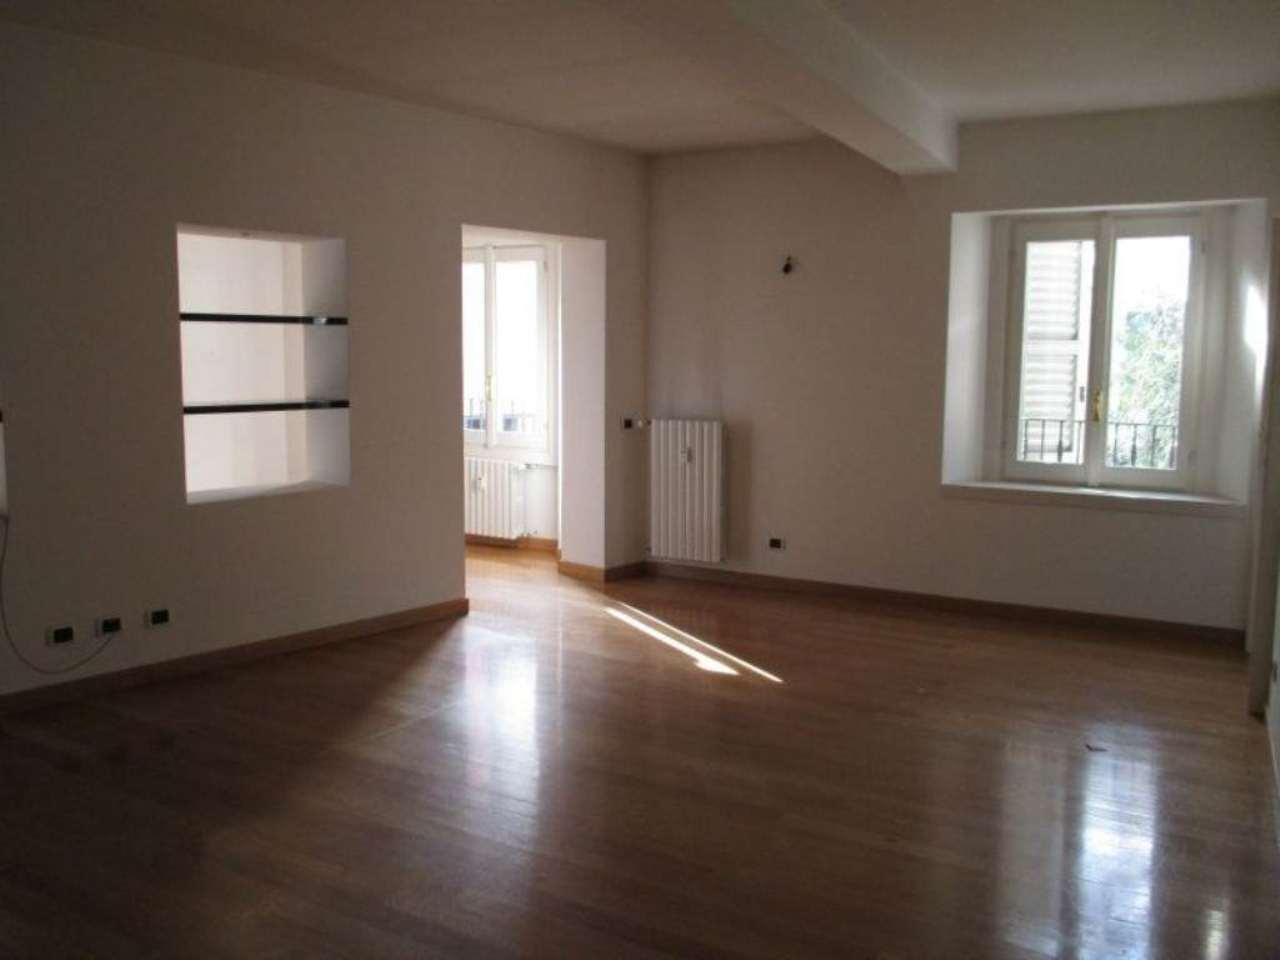 Appartamento in affitto a Milano, 6 locali, zona Zona: 1 . Centro Storico, Duomo, Brera, Cadorna, Cattolica, prezzo € 3.300 | Cambio Casa.it